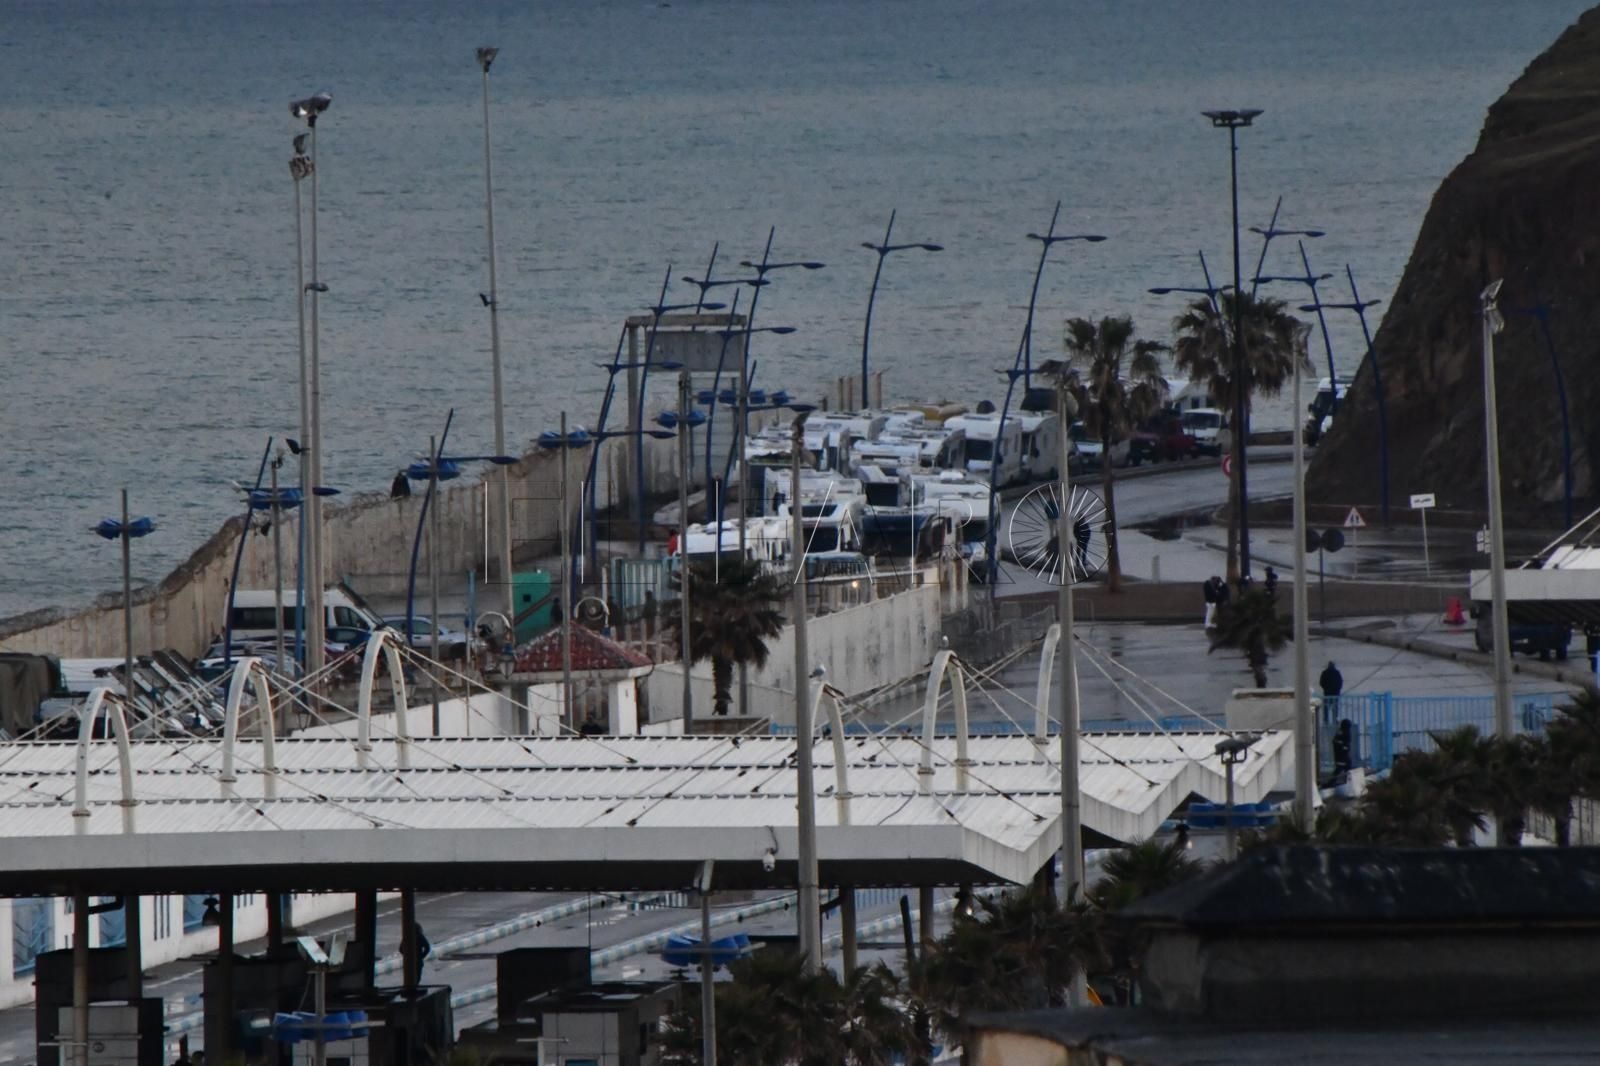 frontera-marruecos-caravanas (3)